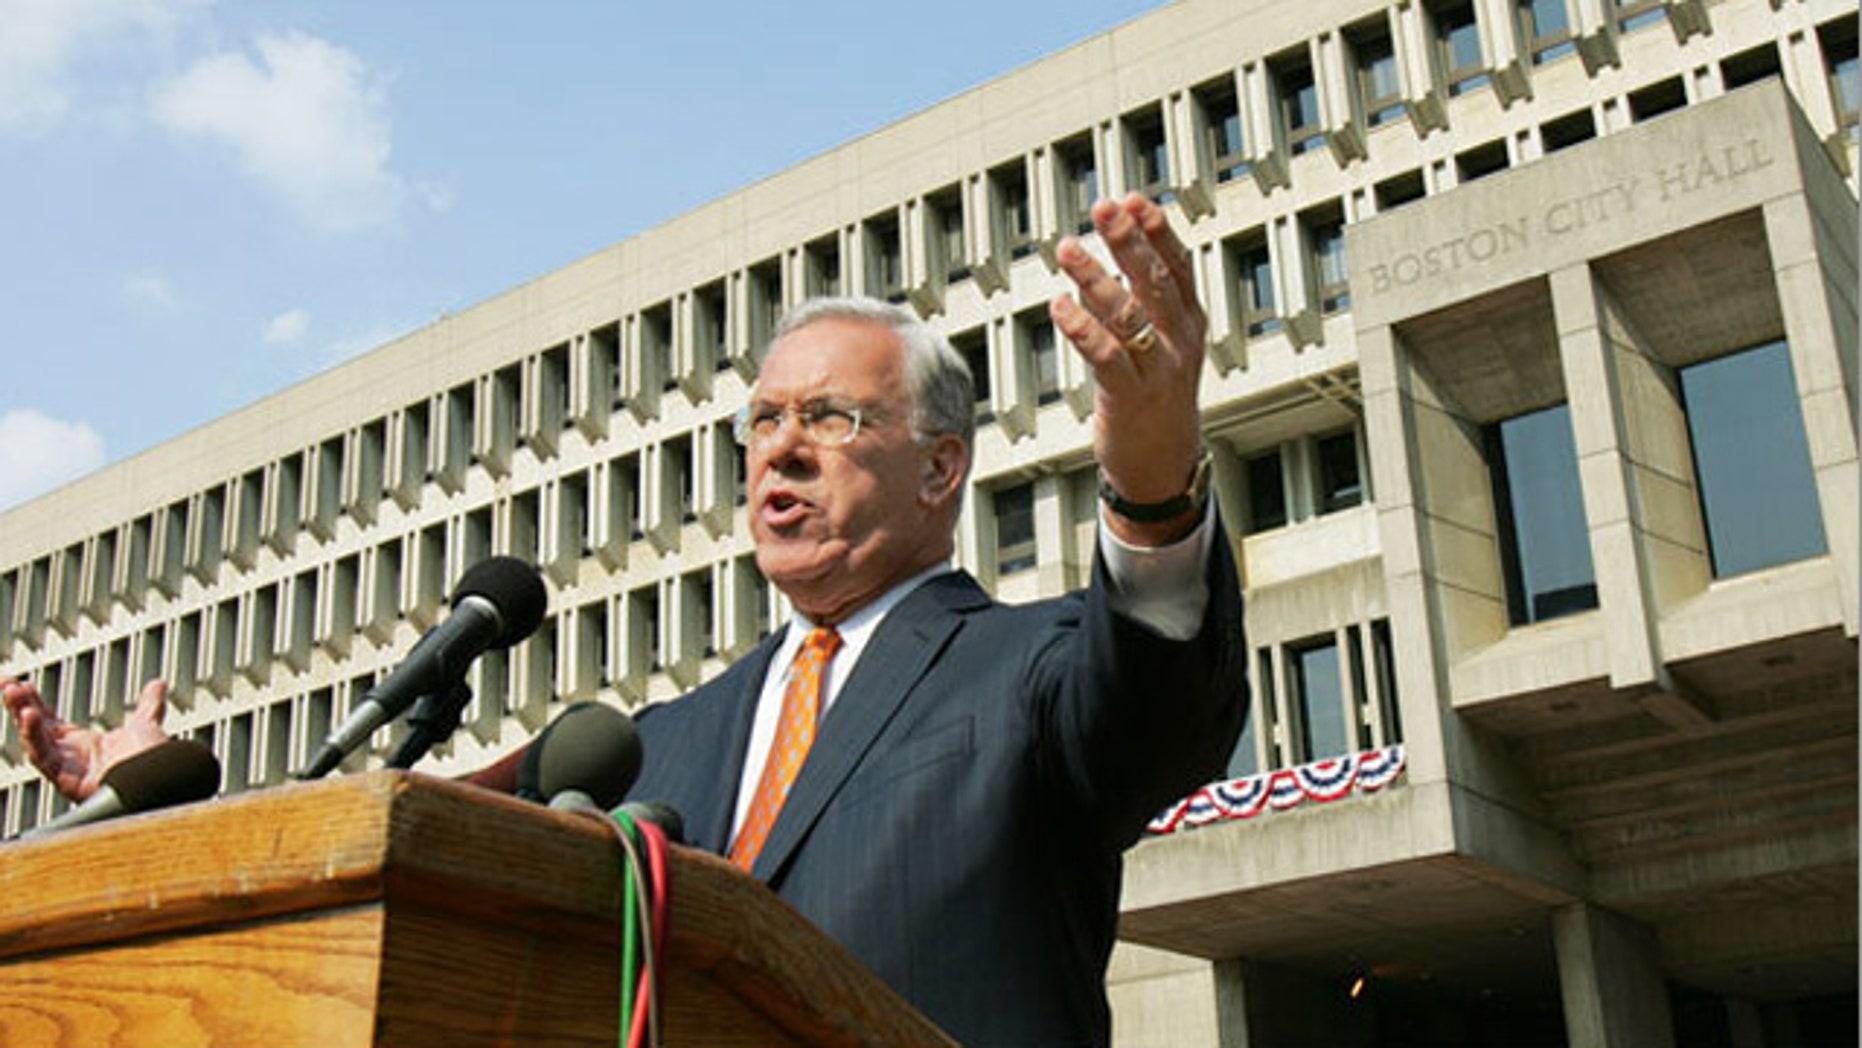 Boston Mayor Thomas M. Menino